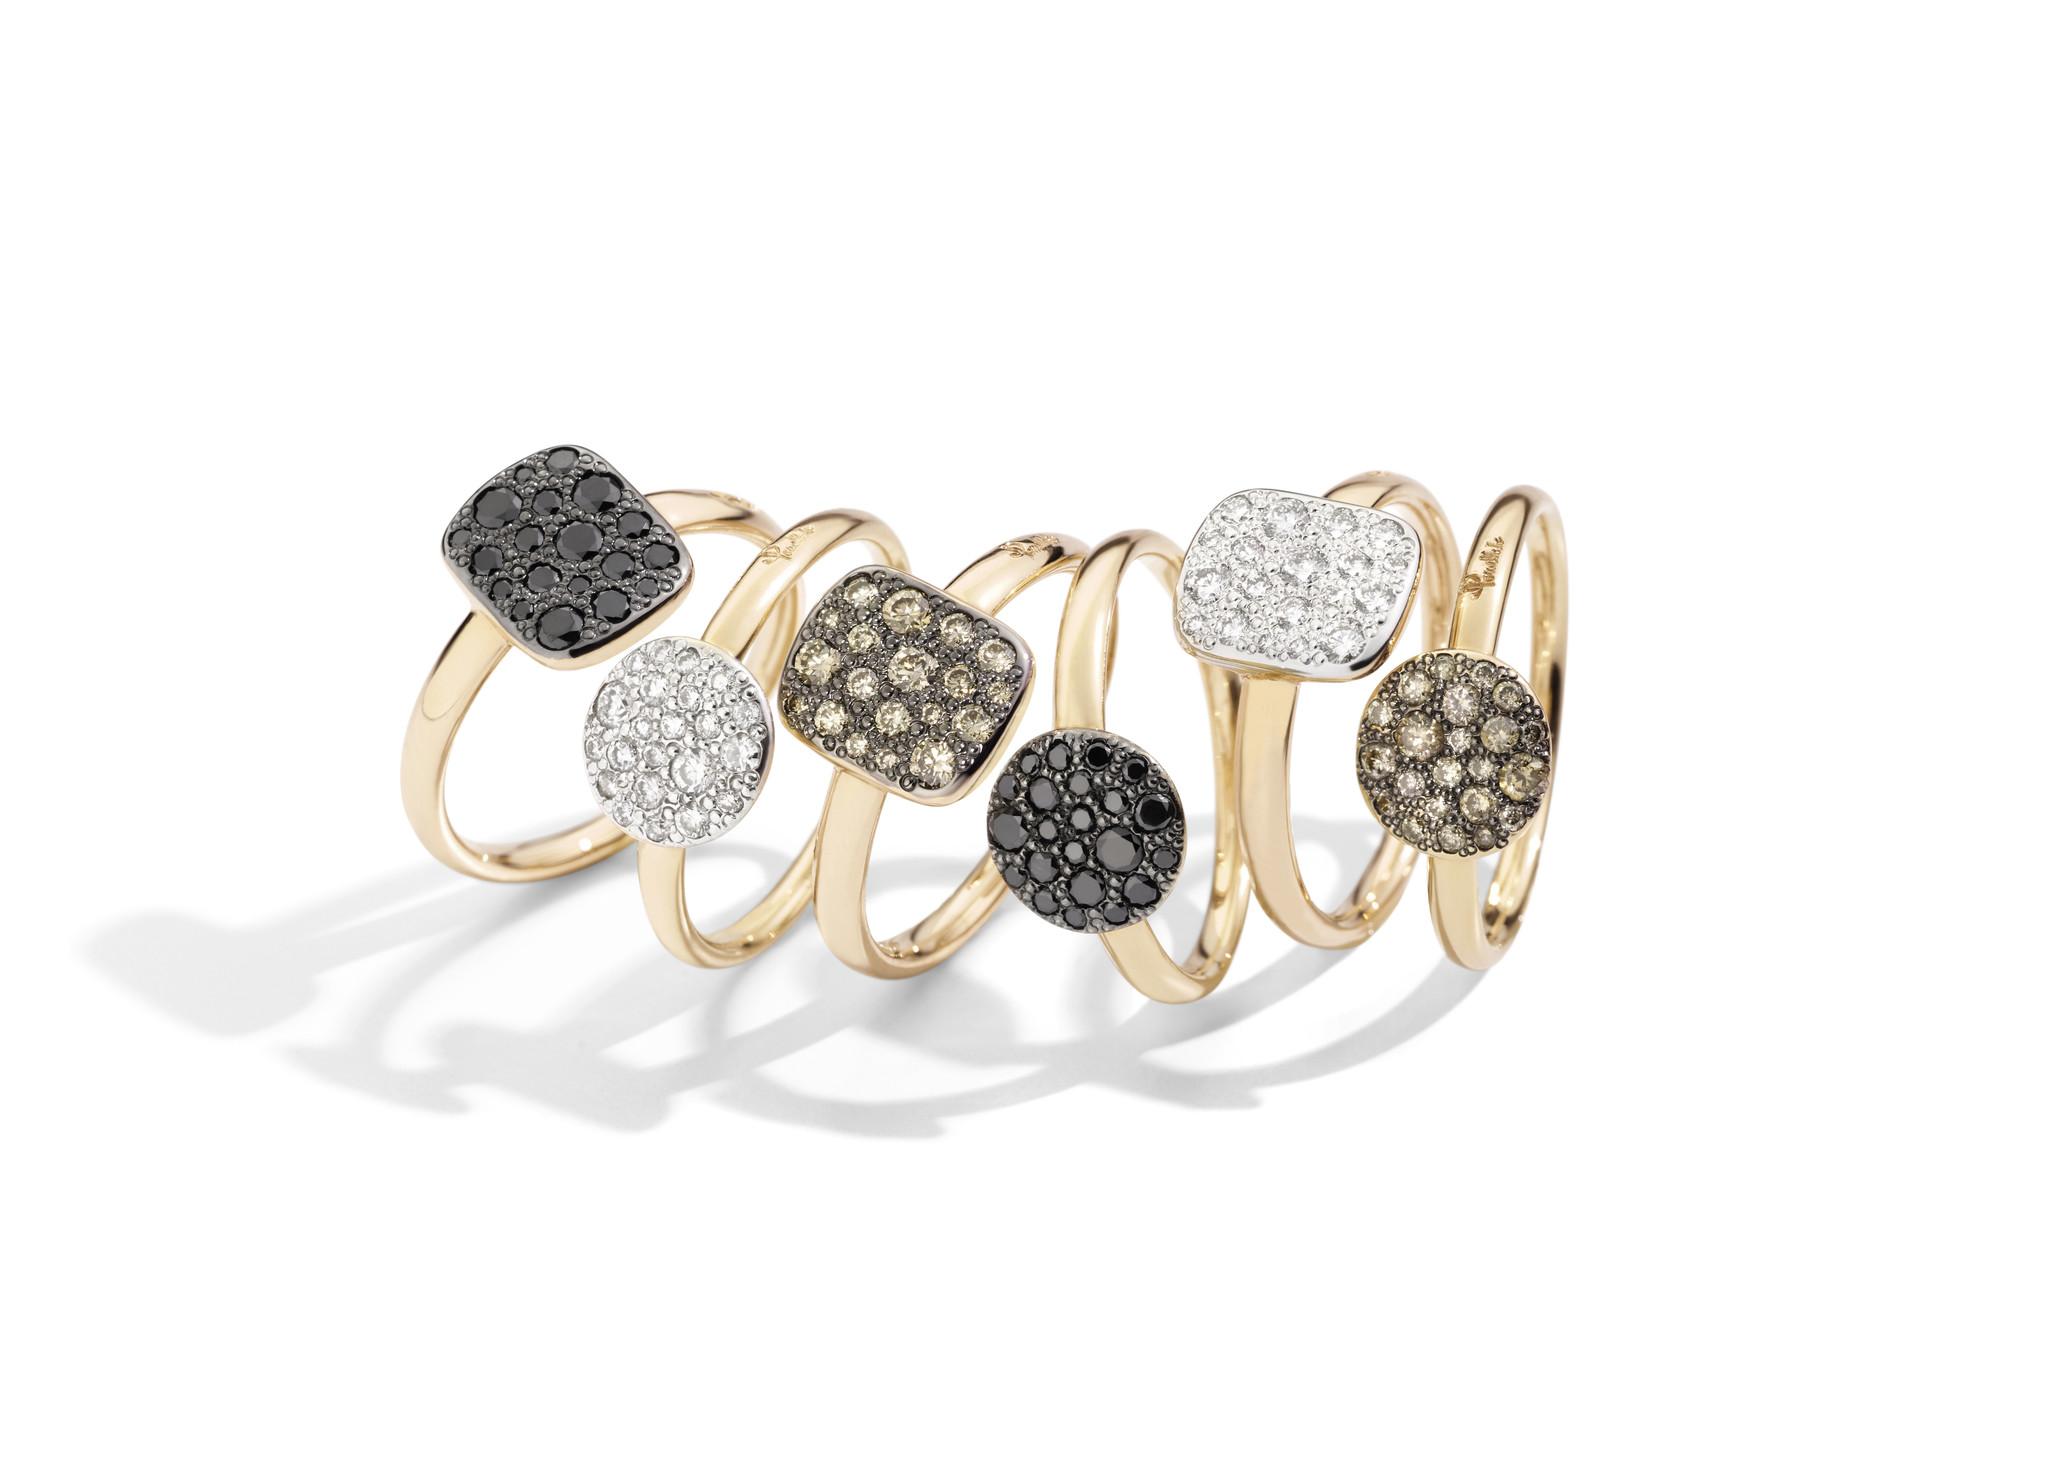 Pomellato SABBIA collectie - bij Schaap en Citroen juweliers